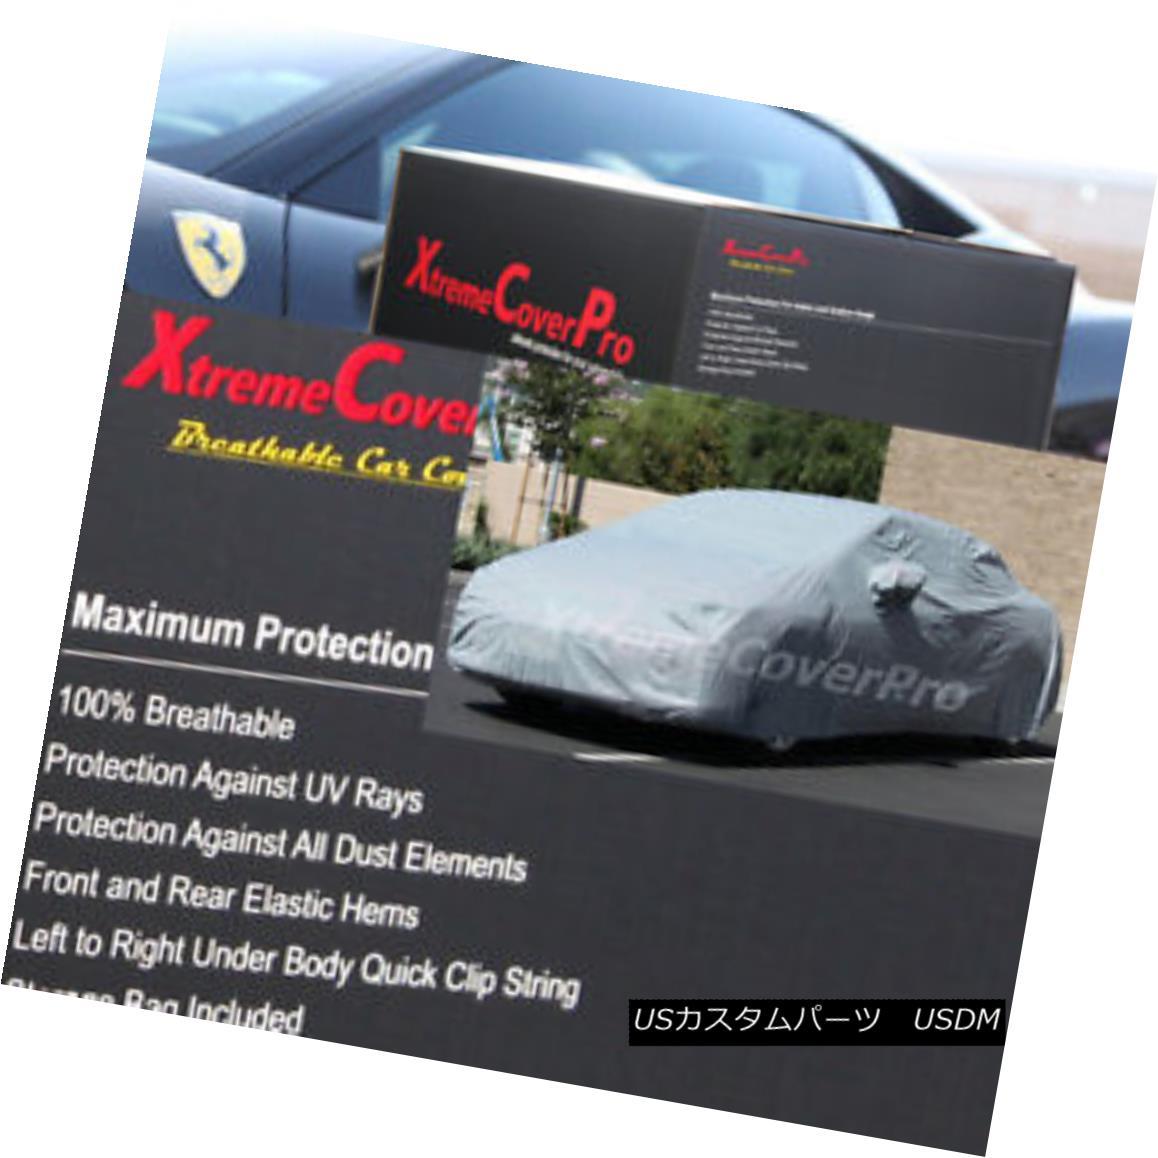 カーカバー 2007 2008 2009 2010 Chrysler Sebring Sedan Breathable Car Cover w/MirrorPocket 2007年2008年2009年クライスラーセブリングセダン通気性車カバー付き(MirrorPocket)